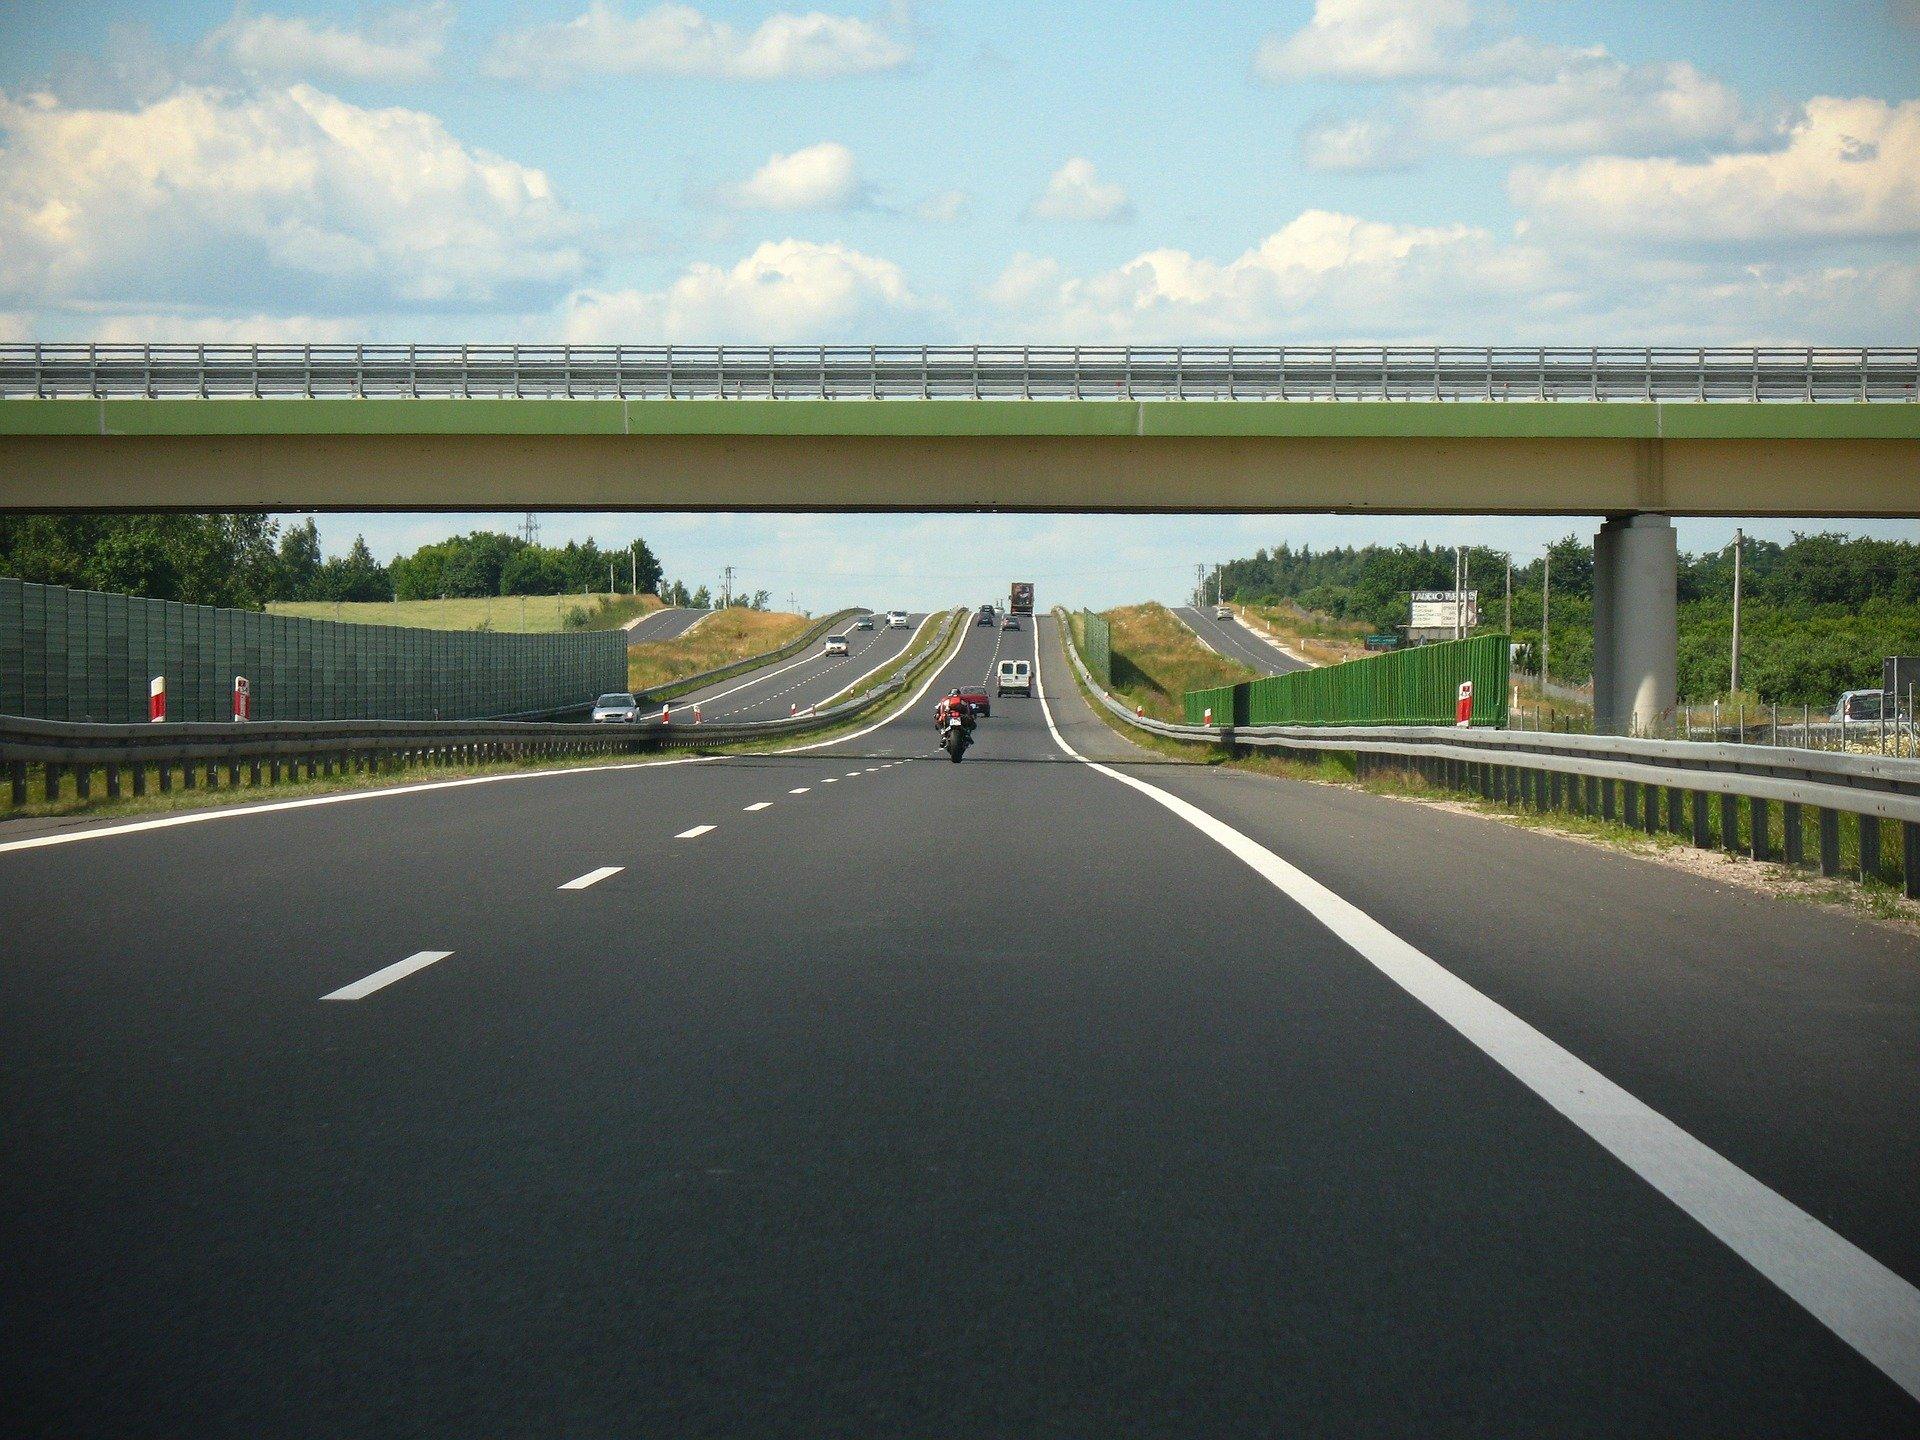 GDDKiA złożyła wniosek o decyzję o środowiskową dla S11 Szczecinek-Piła